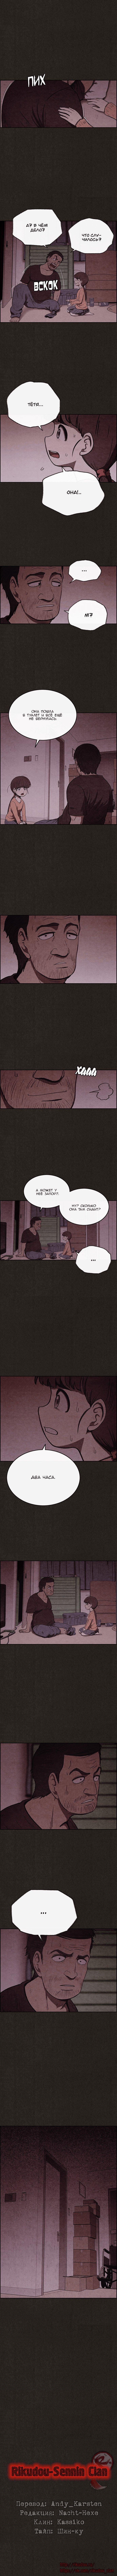 Манга Милый дом / Sweet Home (HWANG Youngchan) - Том 1 Глава 41 Страница 6